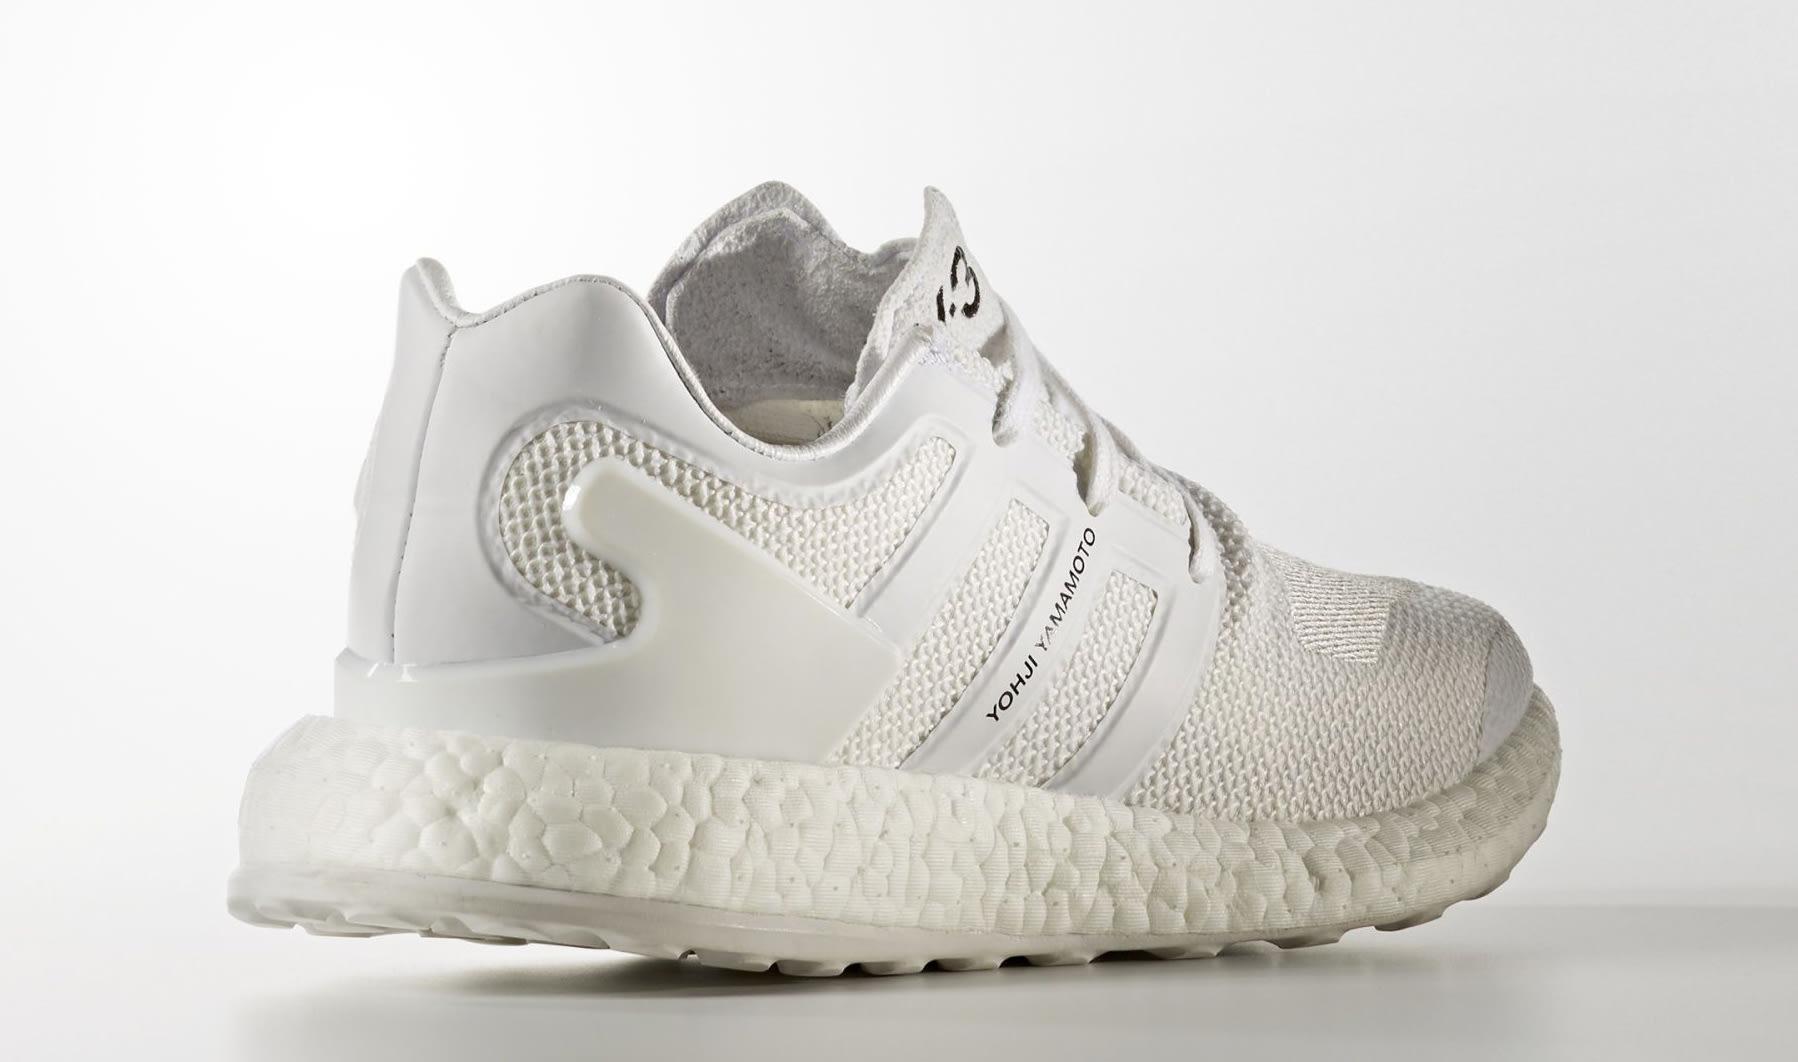 dcc3f1742db Adidas Y3 Pureboost White BY8955 Heel